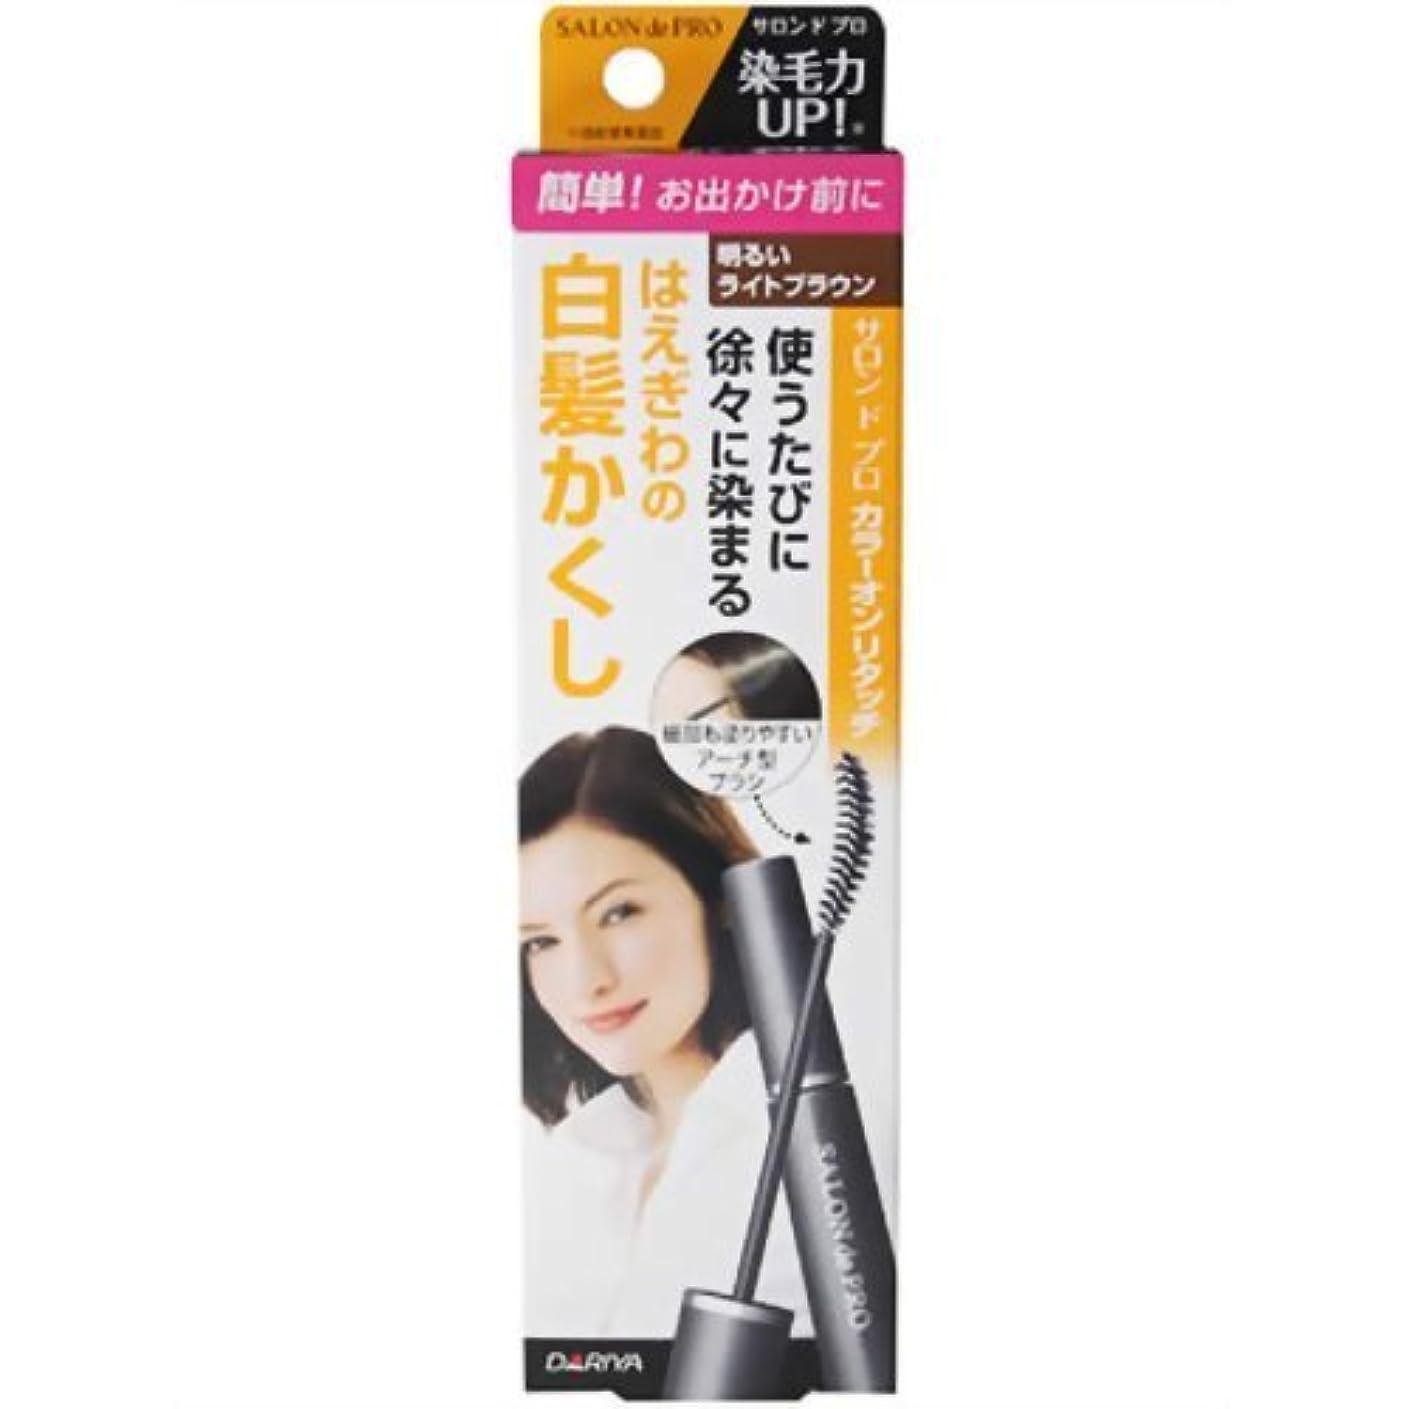 過敏な年次小人サロンドプロカラーオンリタッチ白髪かくし 明るいライトブラウン       15ML × 10個セット